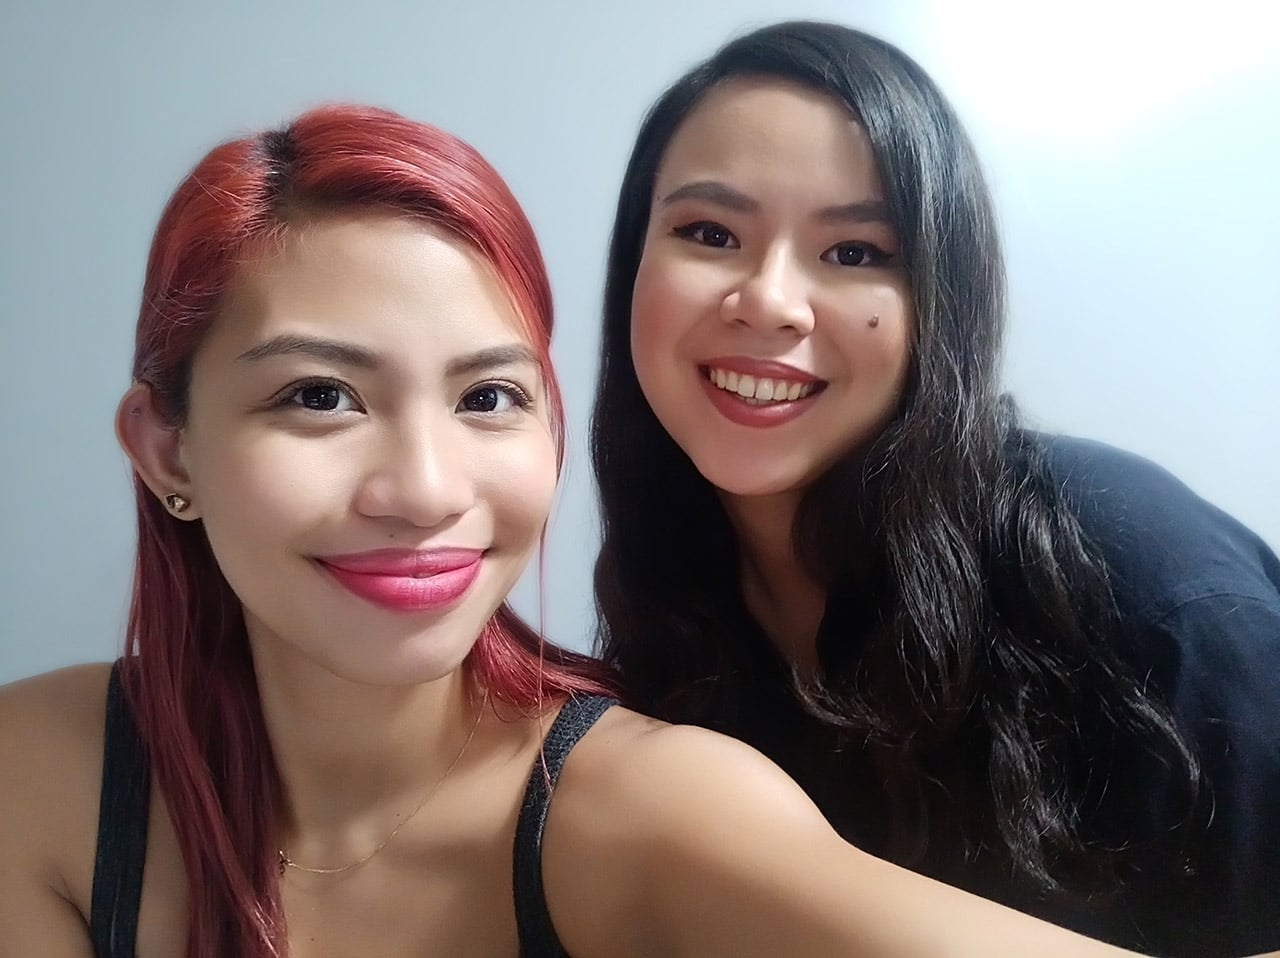 Sforum - Trang thông tin công nghệ mới nhất GadgetMatch-OPPO-F5-sample-photo-20171026-10 Trên tay chuyên gia selfie Oppo F5: Màn hình 18:9 viền mỏng, camera selfie 20MP, camera chính f/1.8